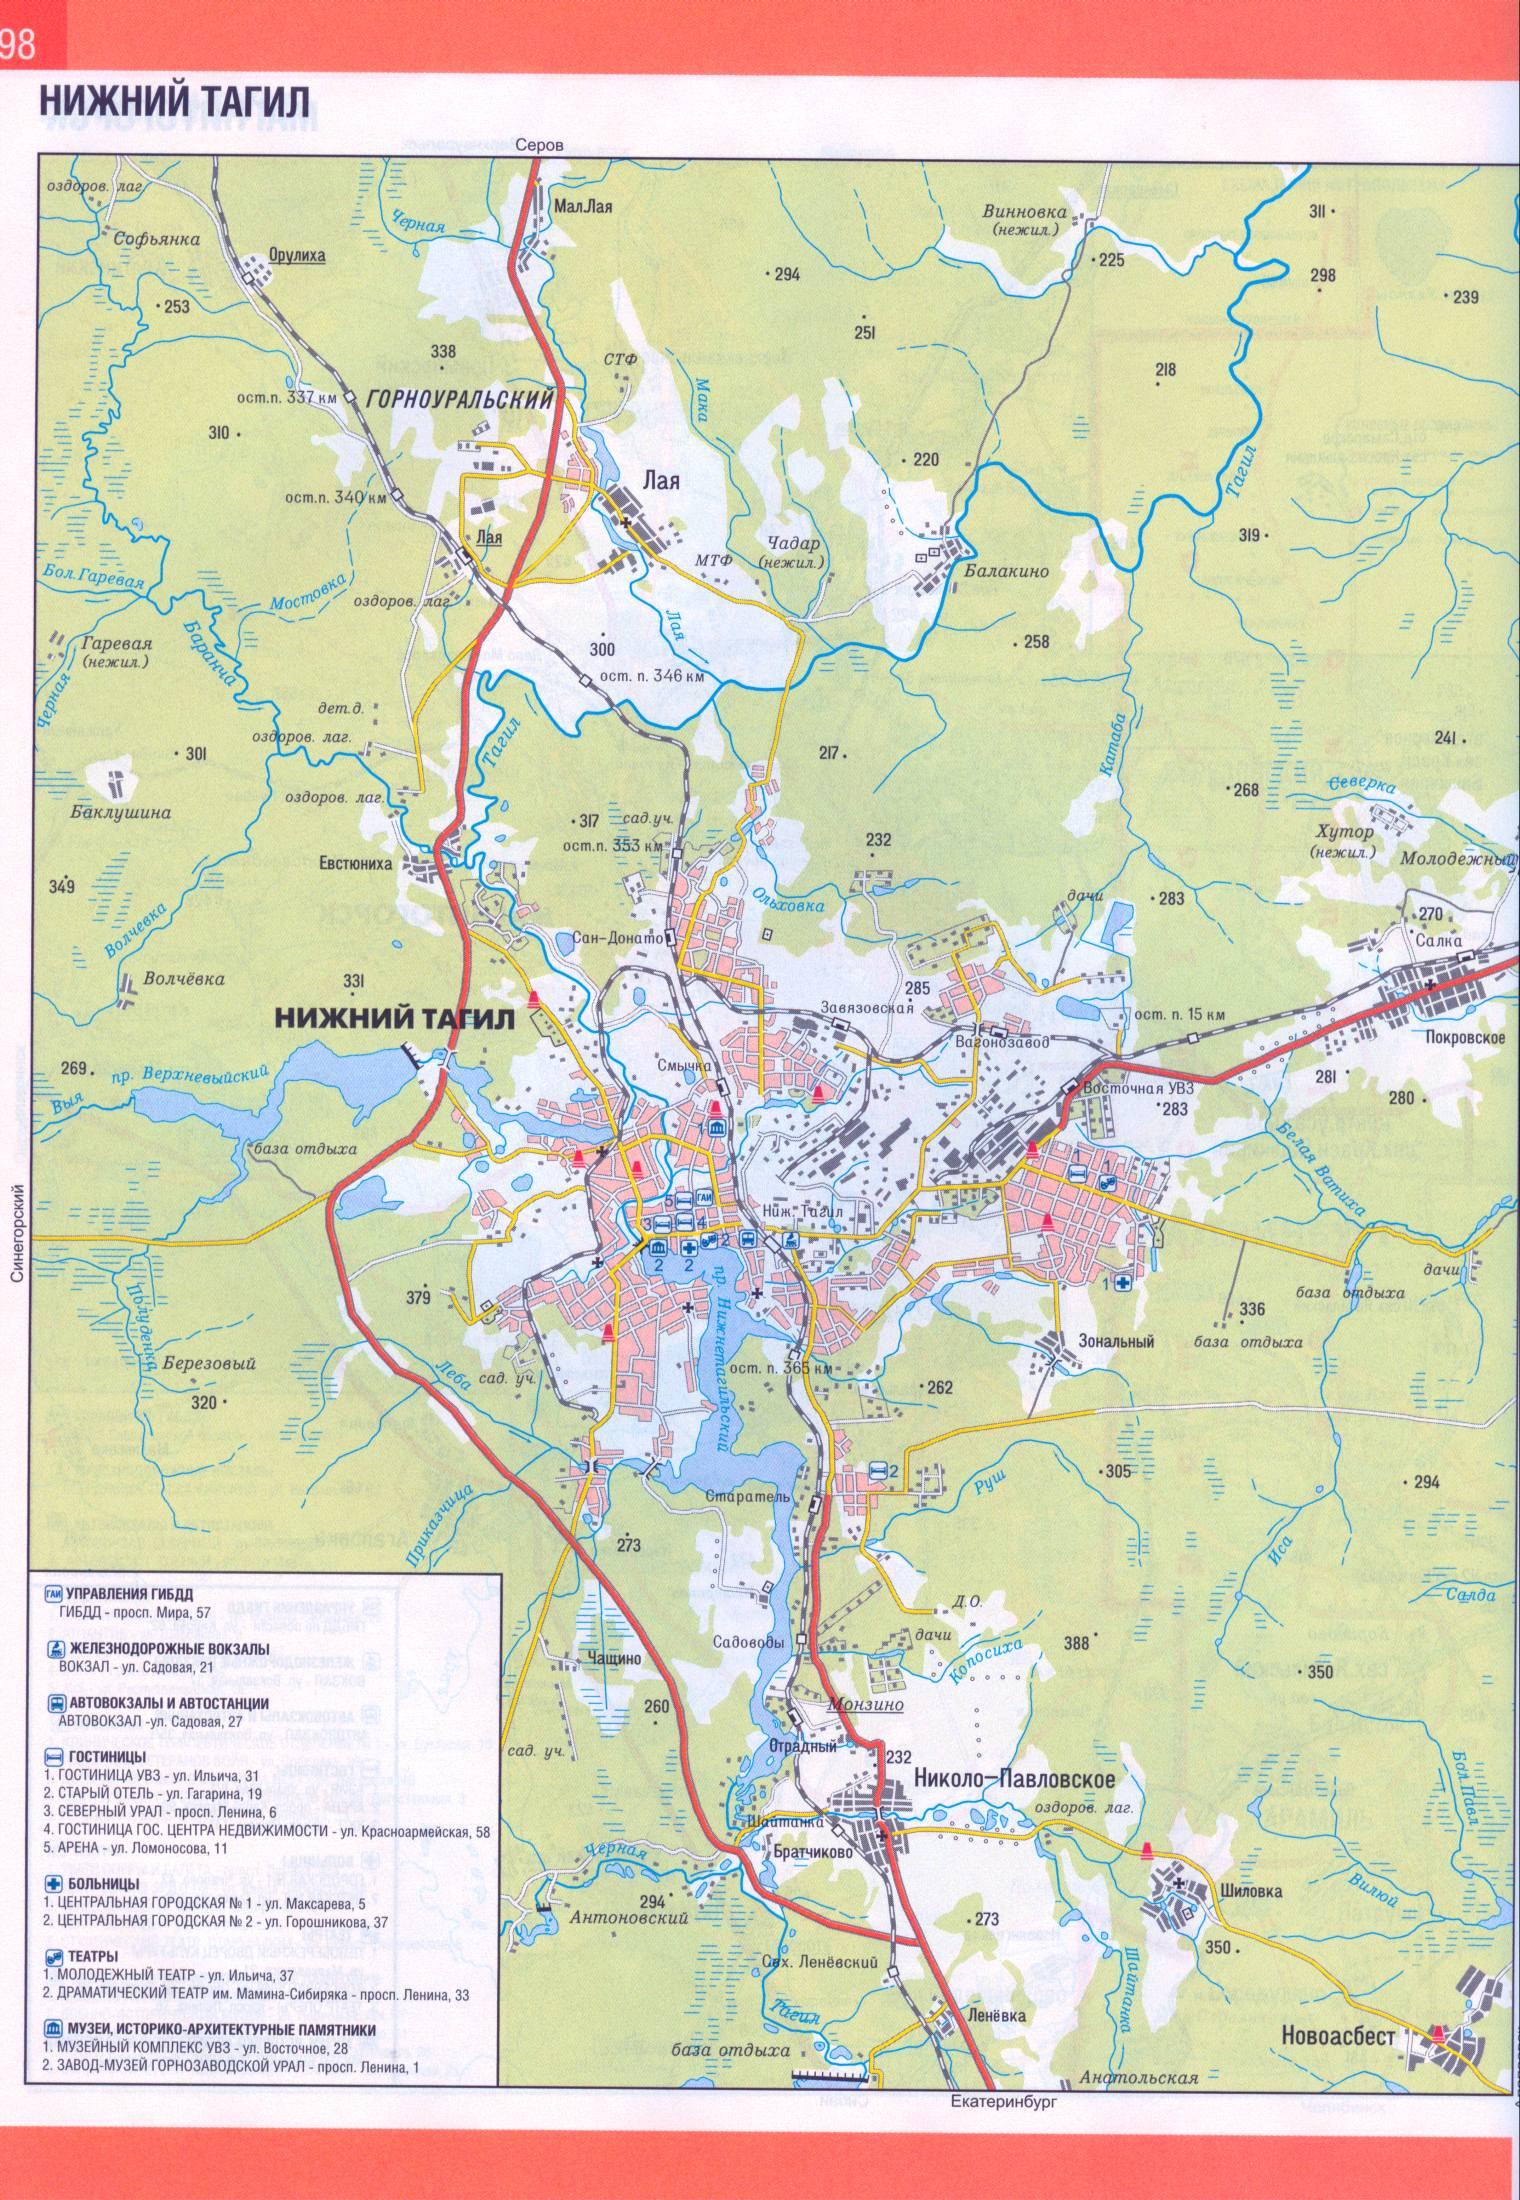 Карта Нижнего Тагила.  План города Нижний Тагил, схема проезда по авто дорогам.